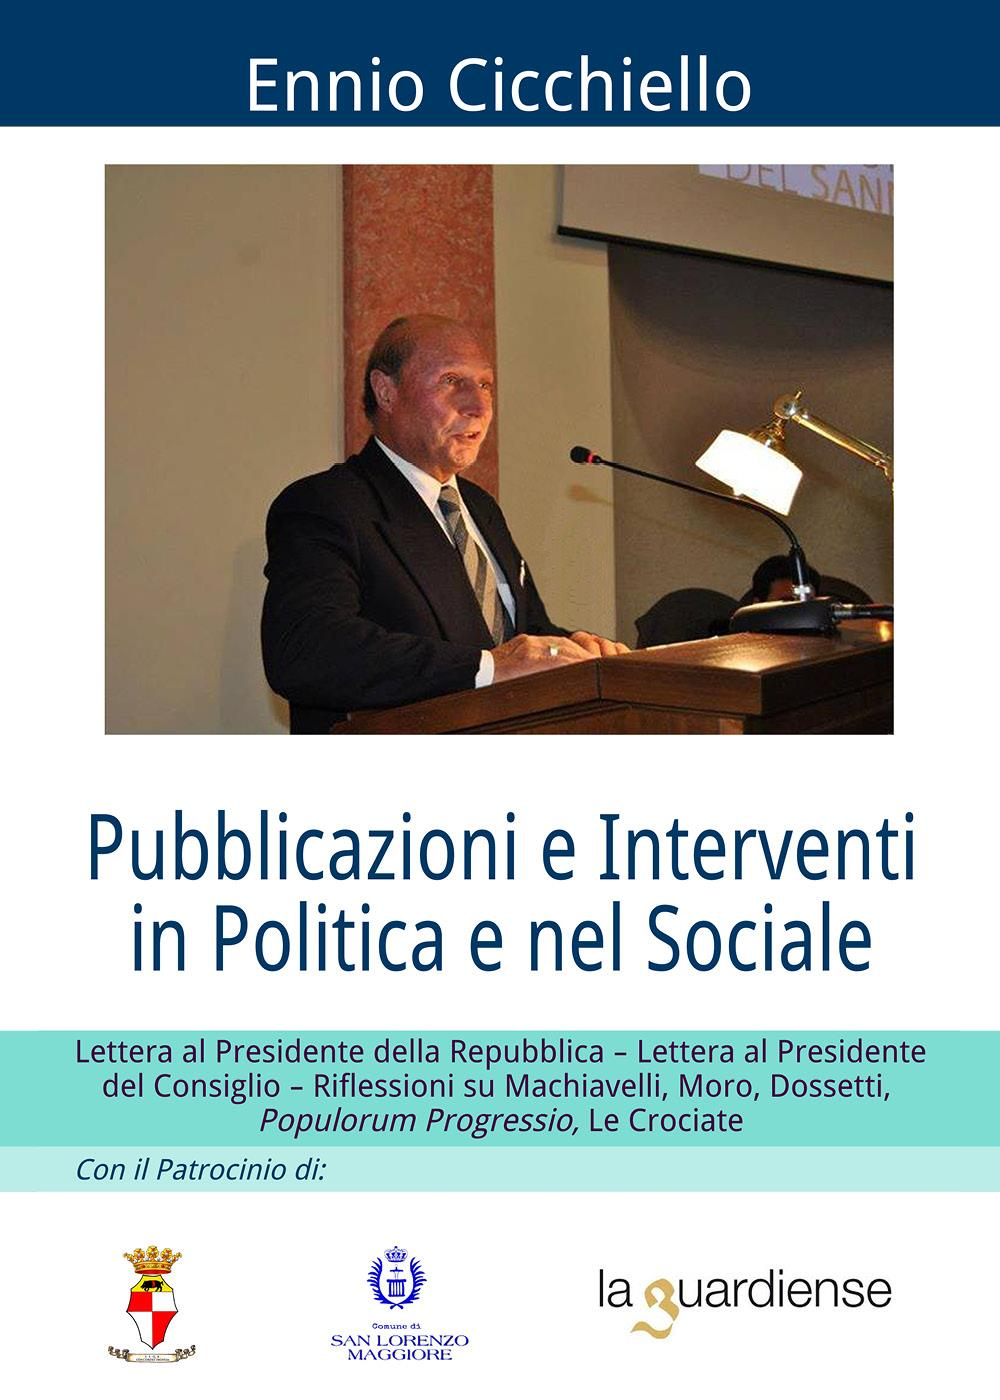 Pubblicazioni e interventi in politica e nel sociale